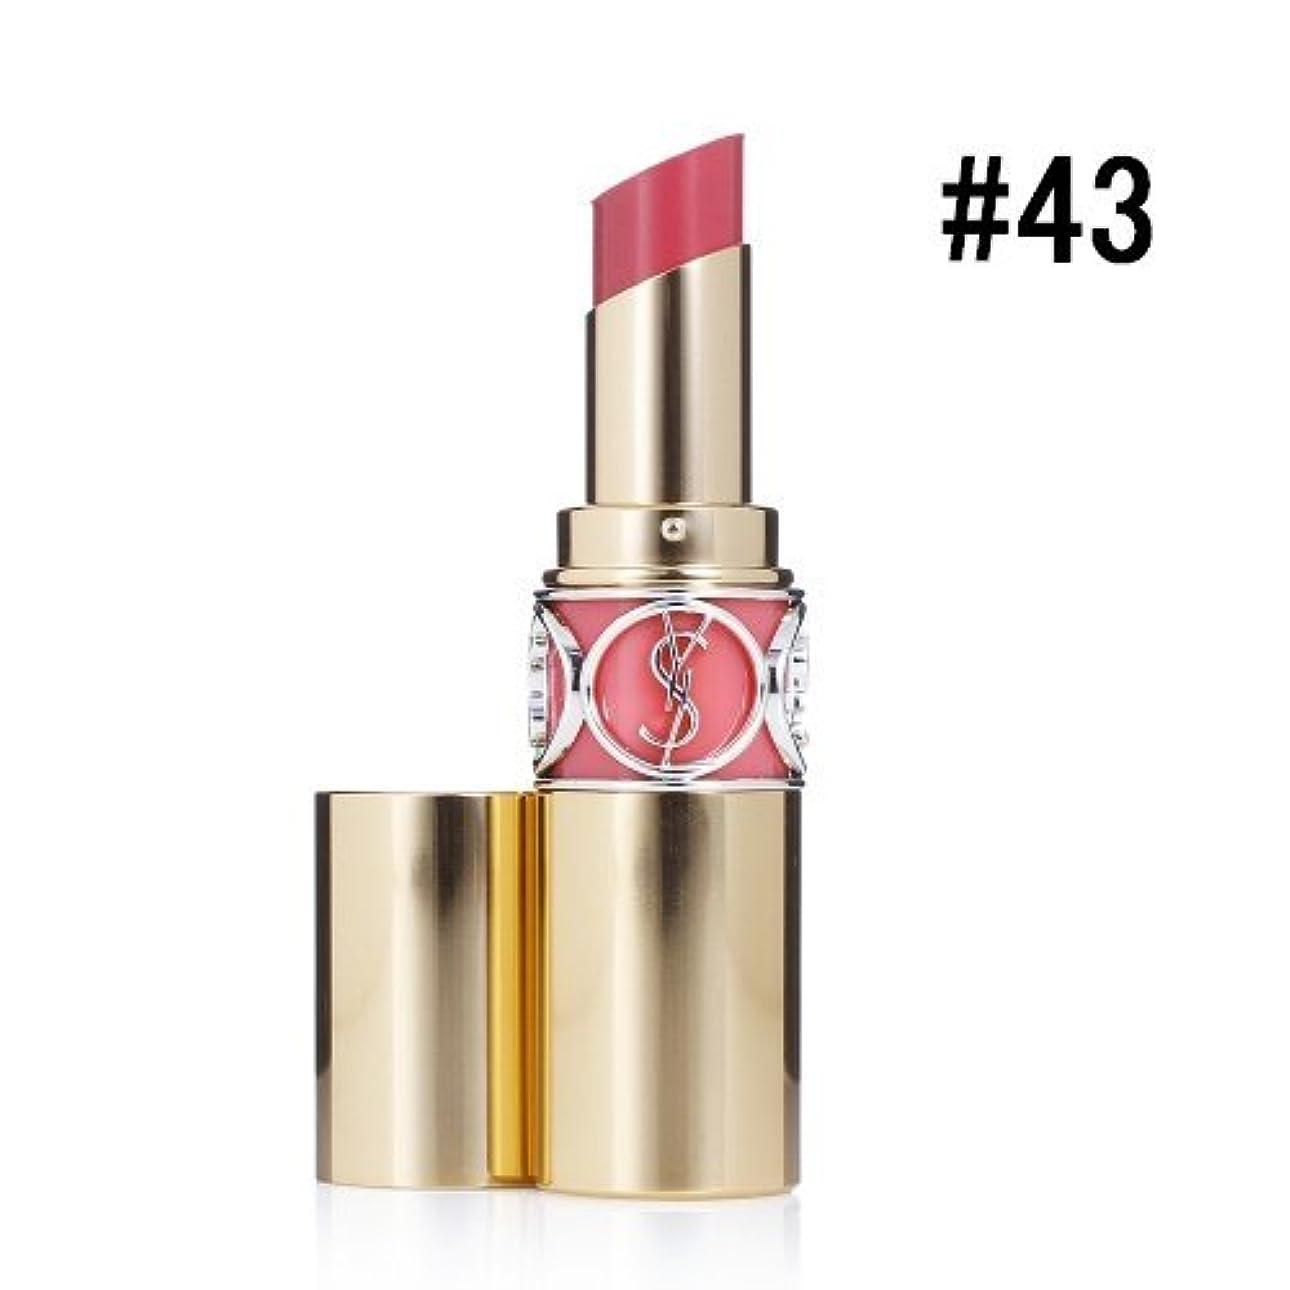 くちばしおばあさん流すイヴサンローラン(Yves Saint Laurent) ルージュ ヴォリュプテ シャイン #43 ROSE RIVE GAUCHE 4.5g [並行輸入品]